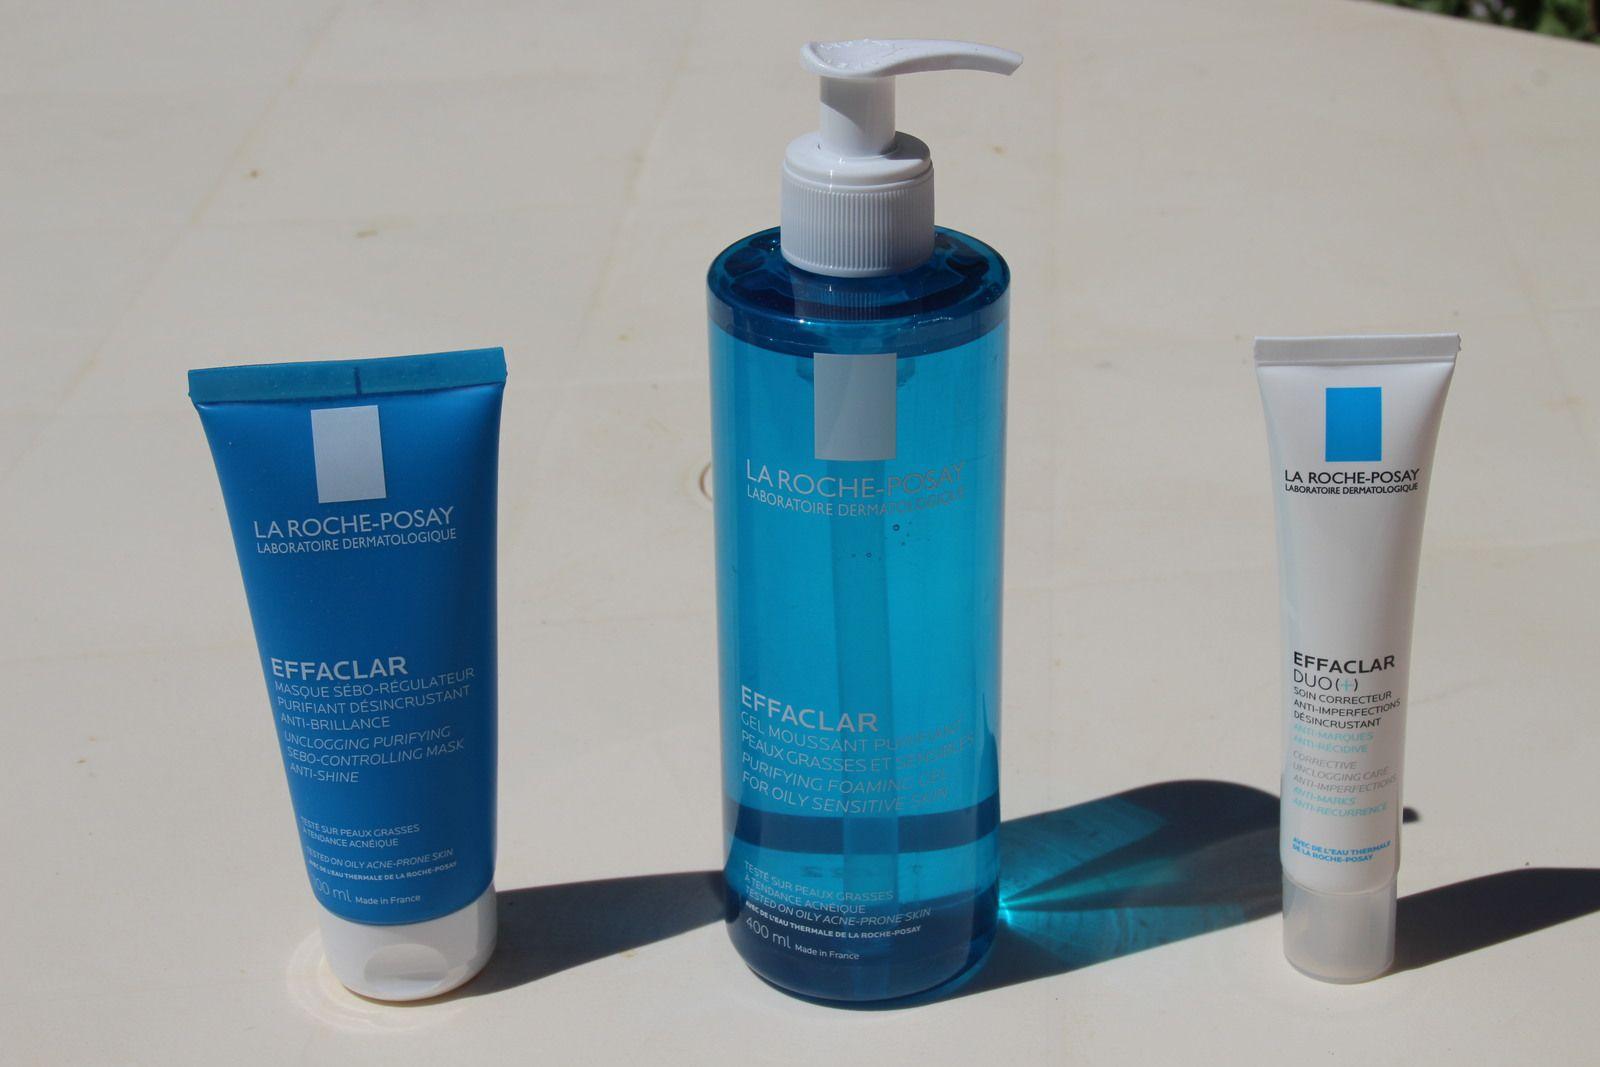 La gamme EFFACLAR de La Roche-Posay, le soin des peaux grasses !